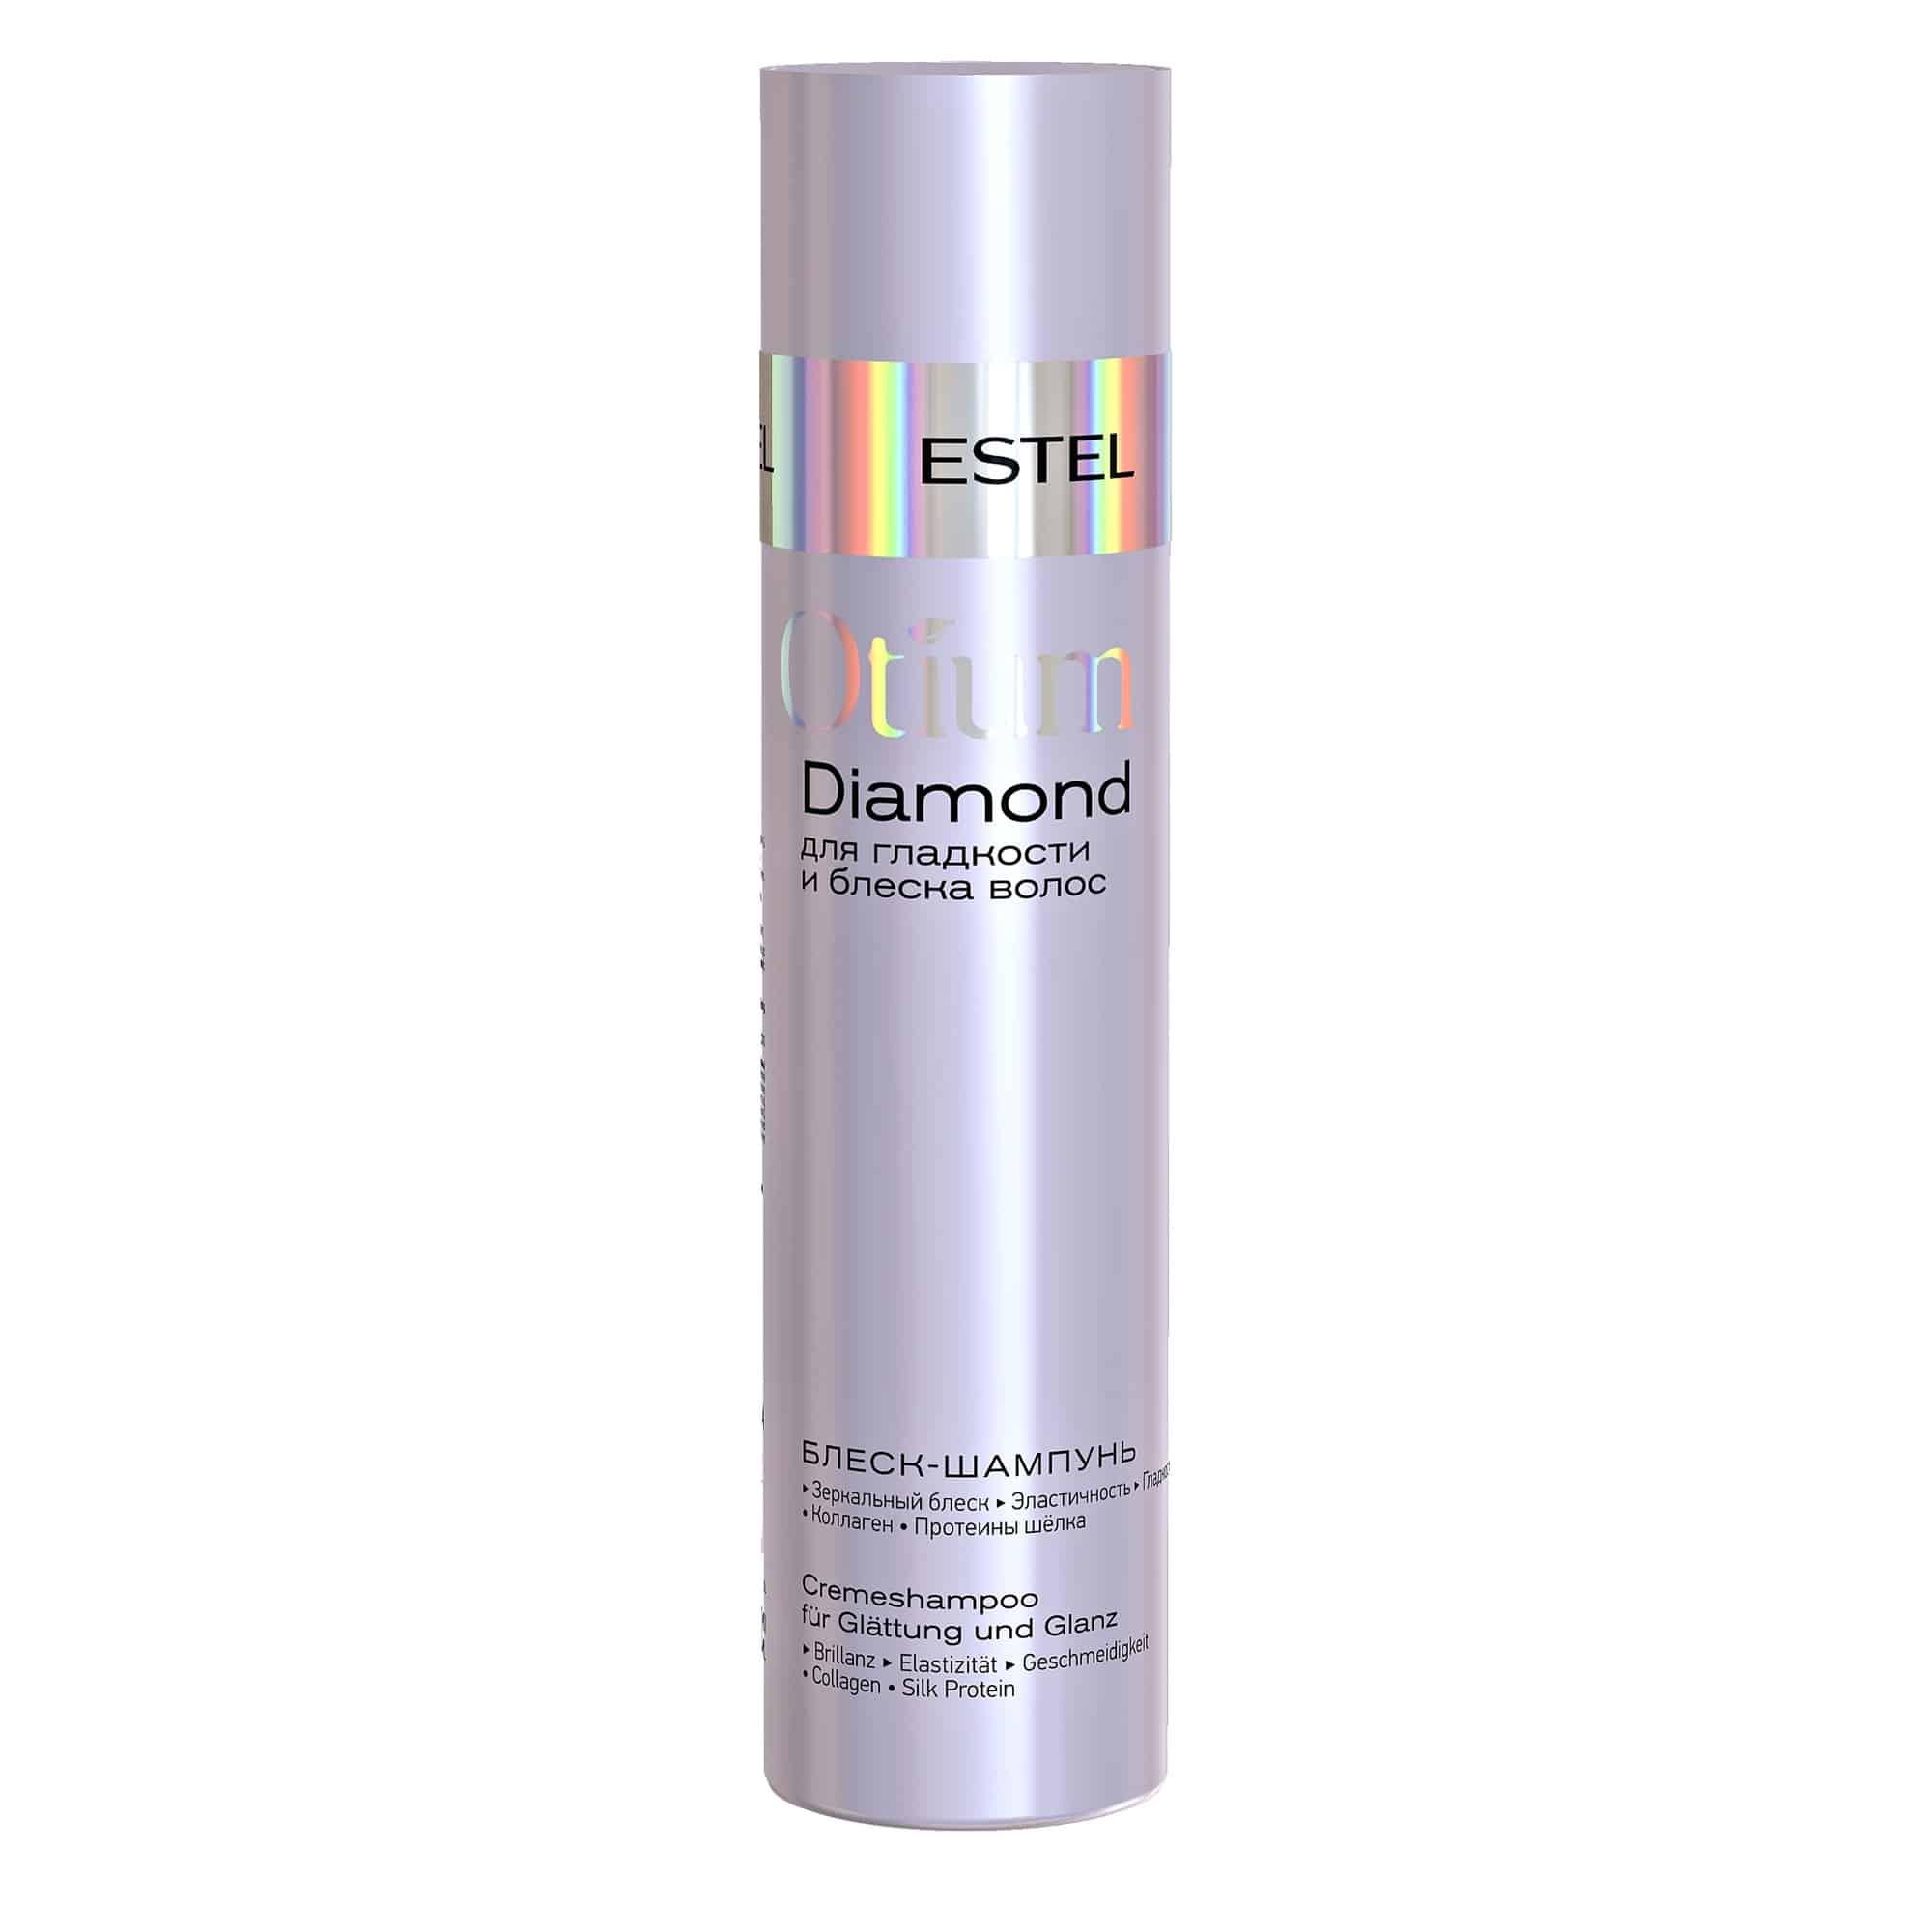 OTIUM DIAMOND Cremeshampoo für Glättung und Glanz